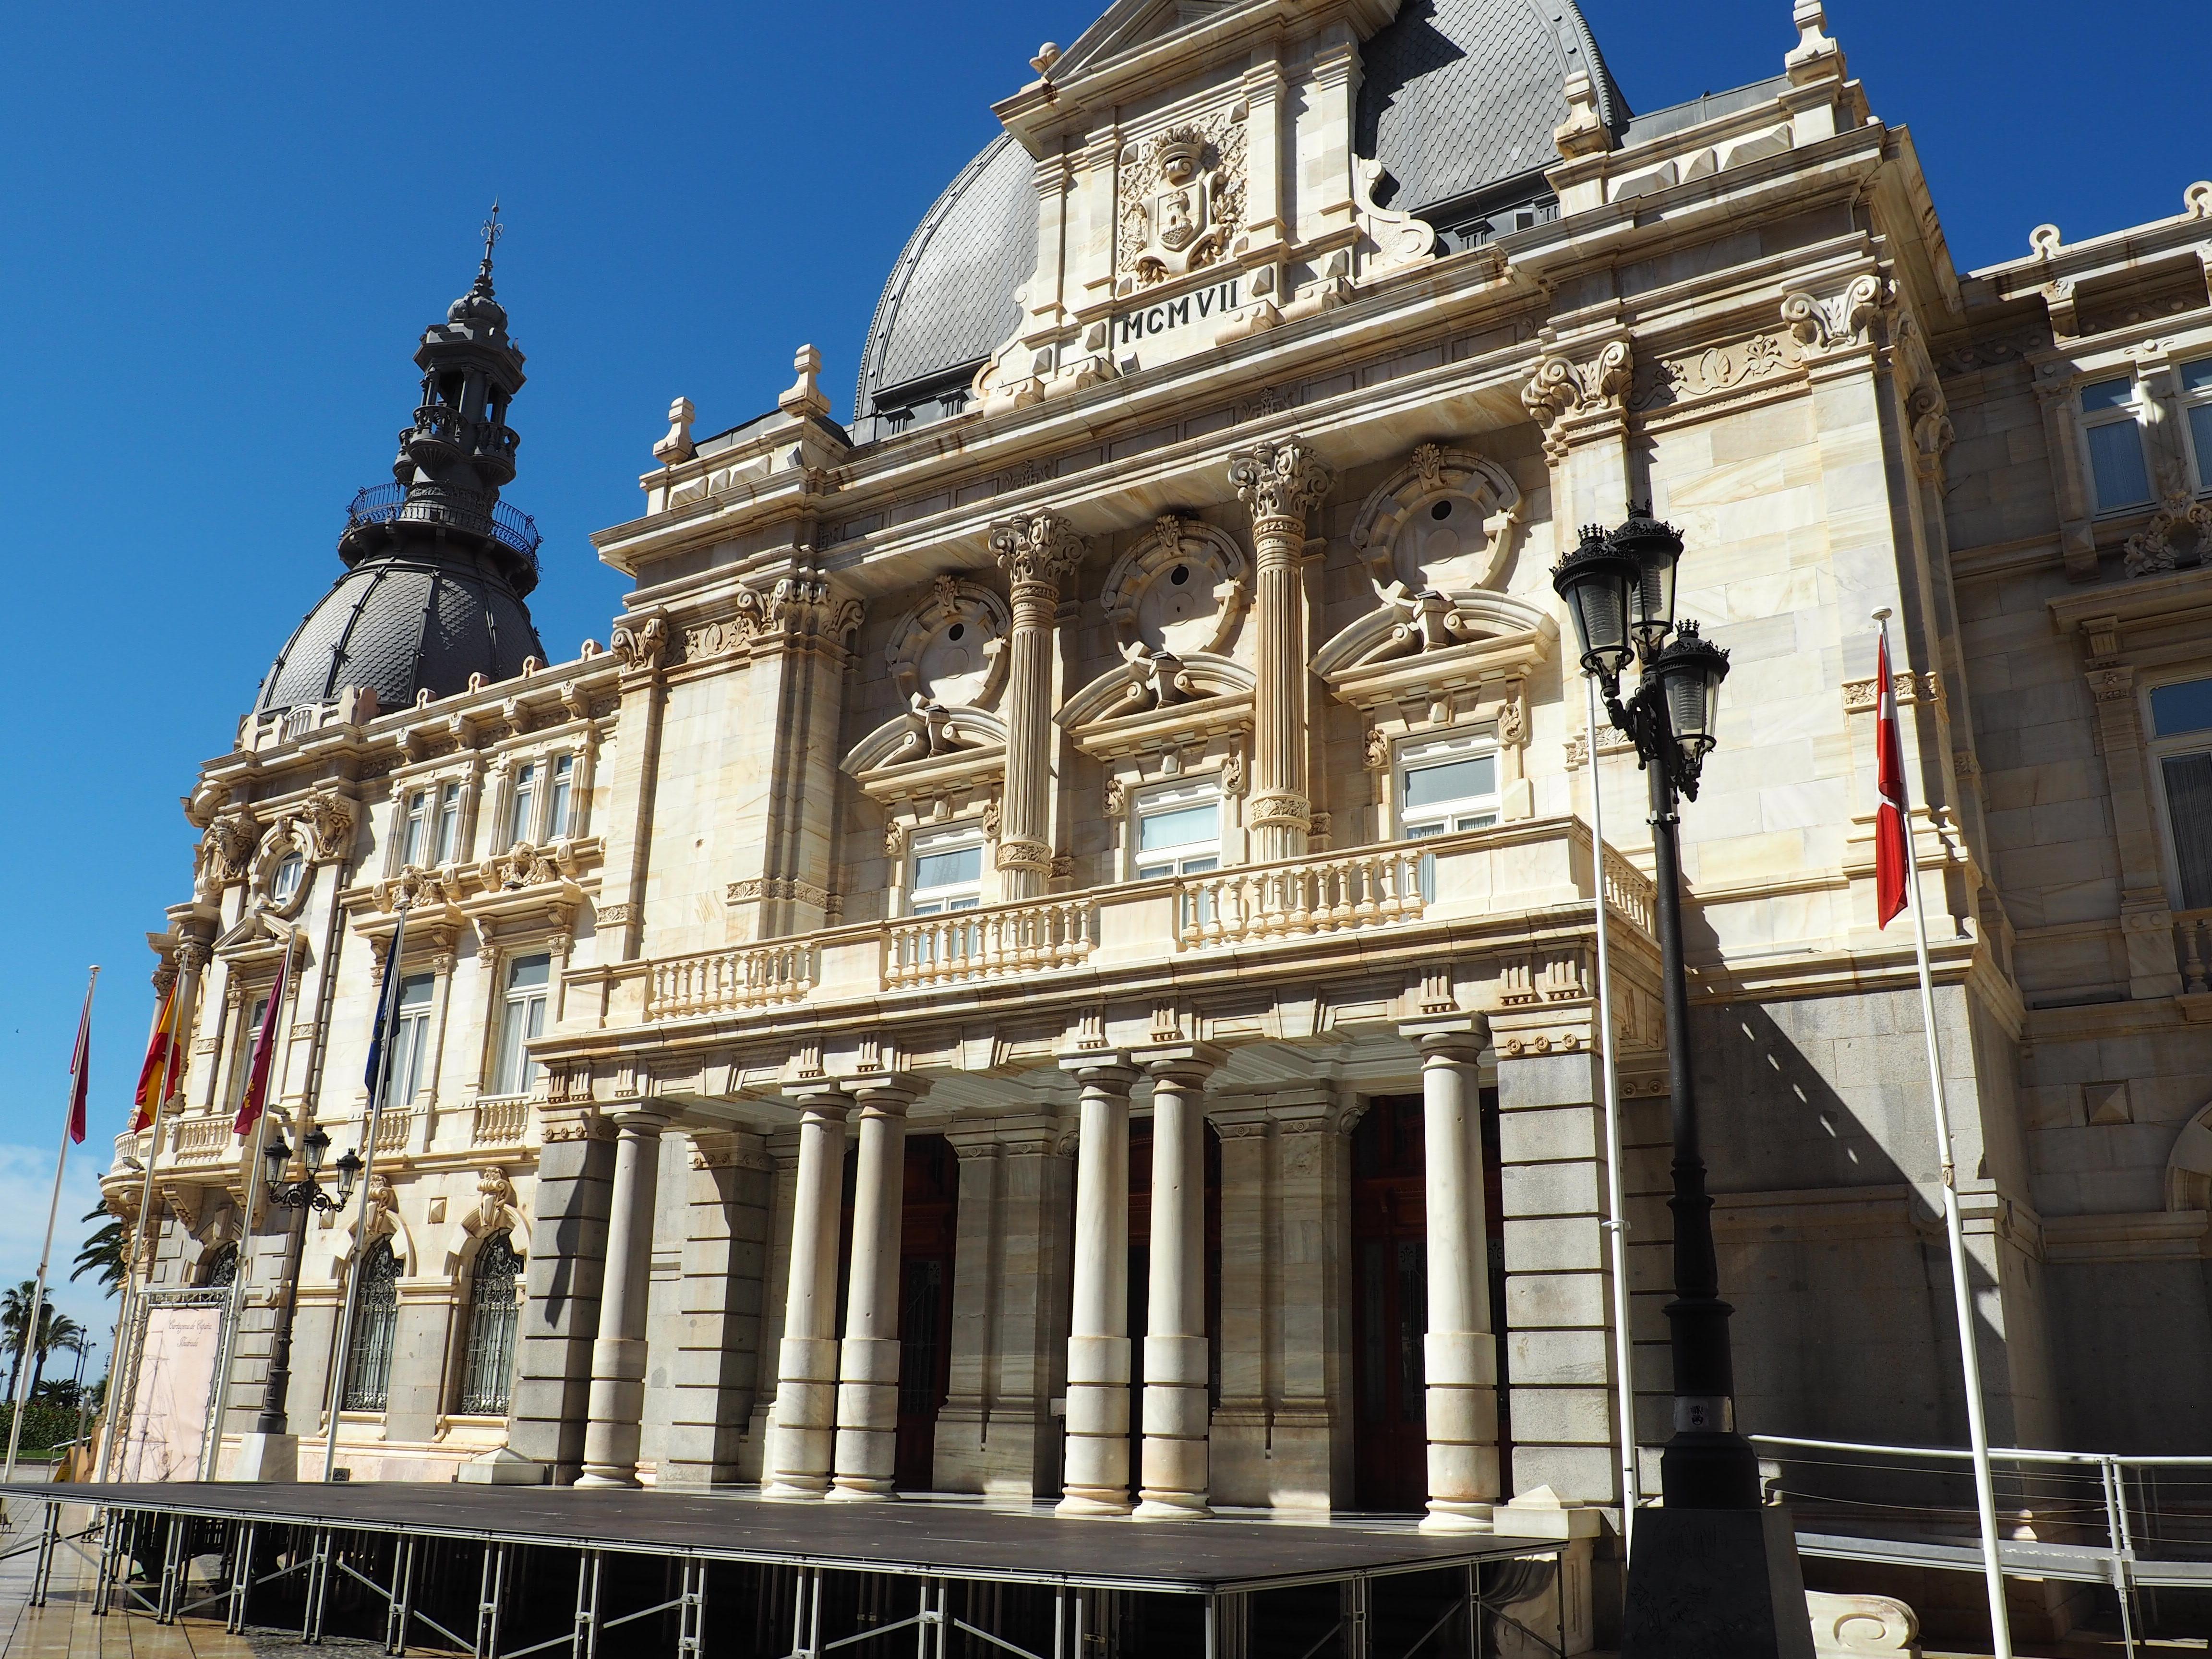 Ein Tag in Cartagena, das imposante Rathaus mit seiner Fassade aus weißem Marmor